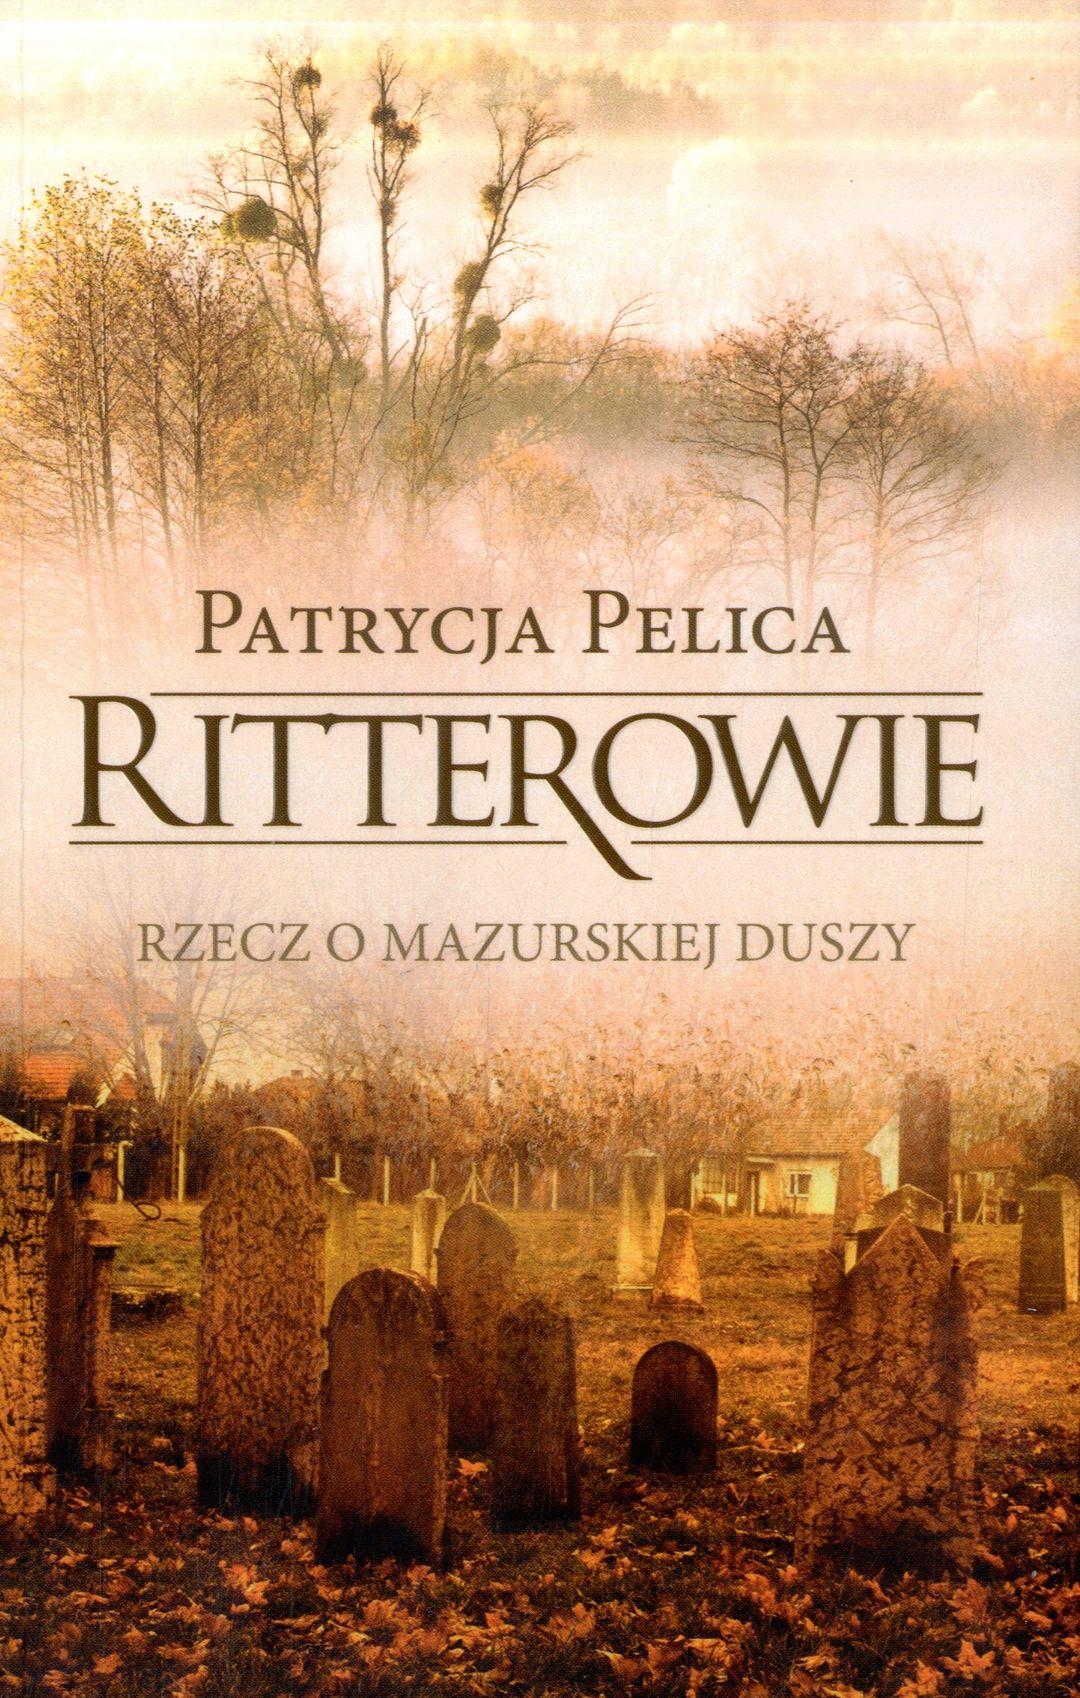 Pelica Patrycja – Ritterowie